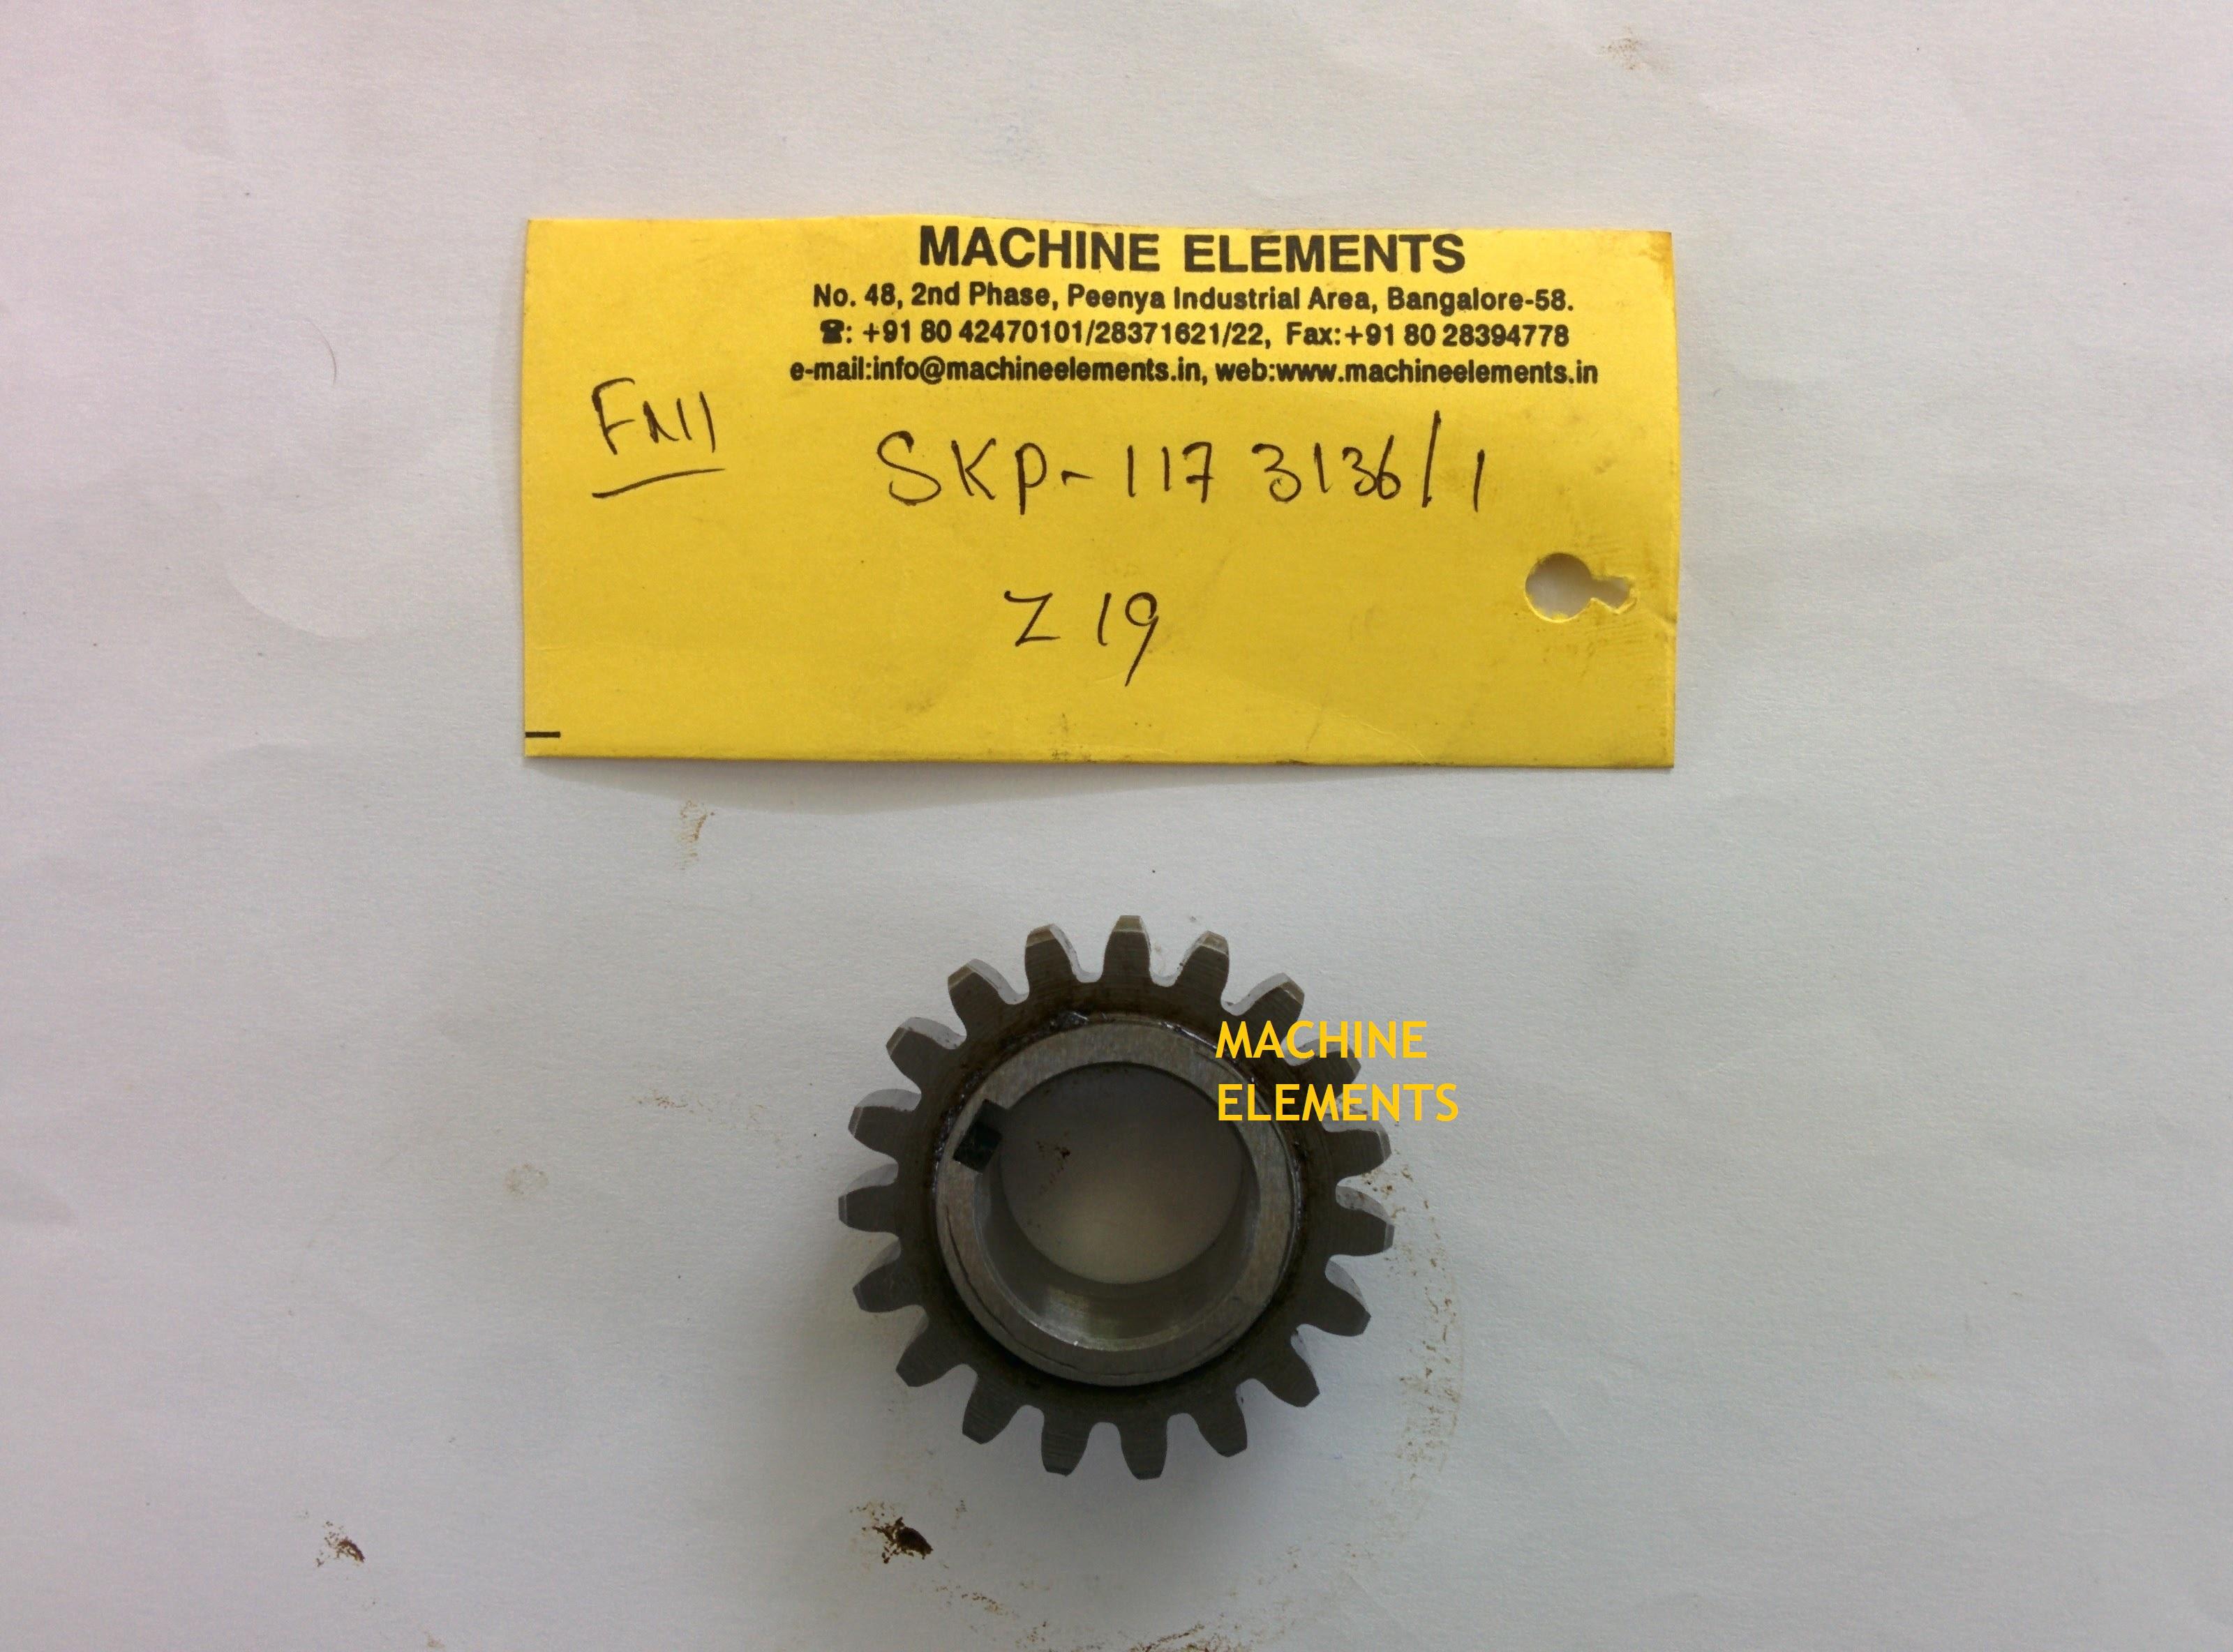 SKP 117-3136-1 Z-19 SPUR GEAR